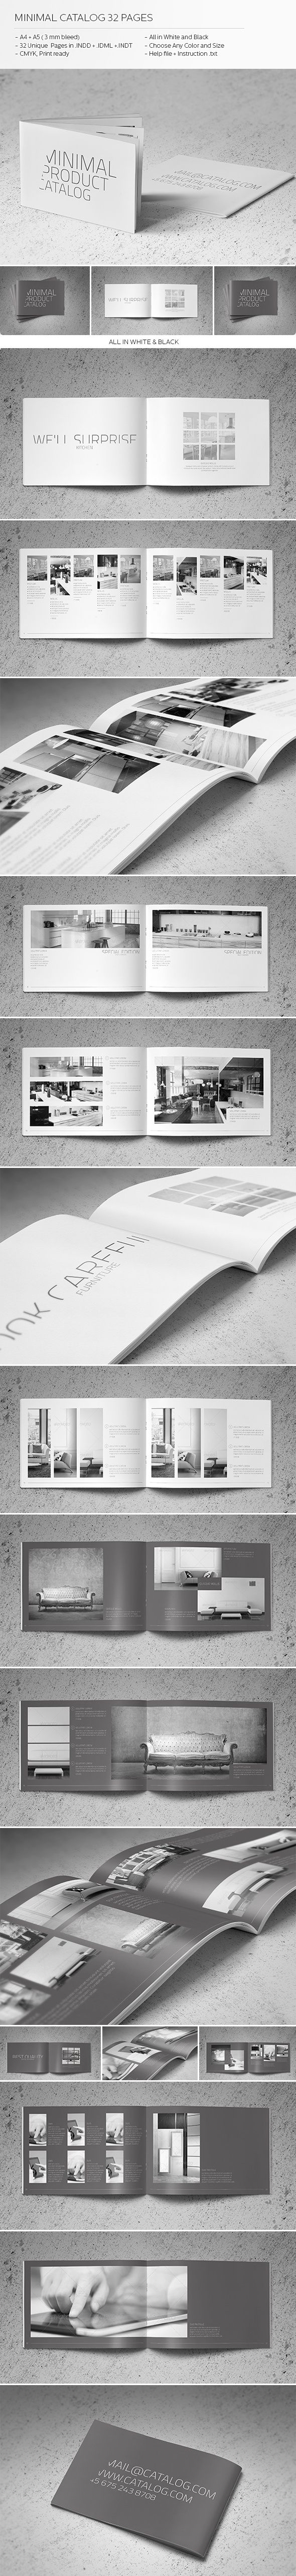 简约时尚灰色风格画册设计分享